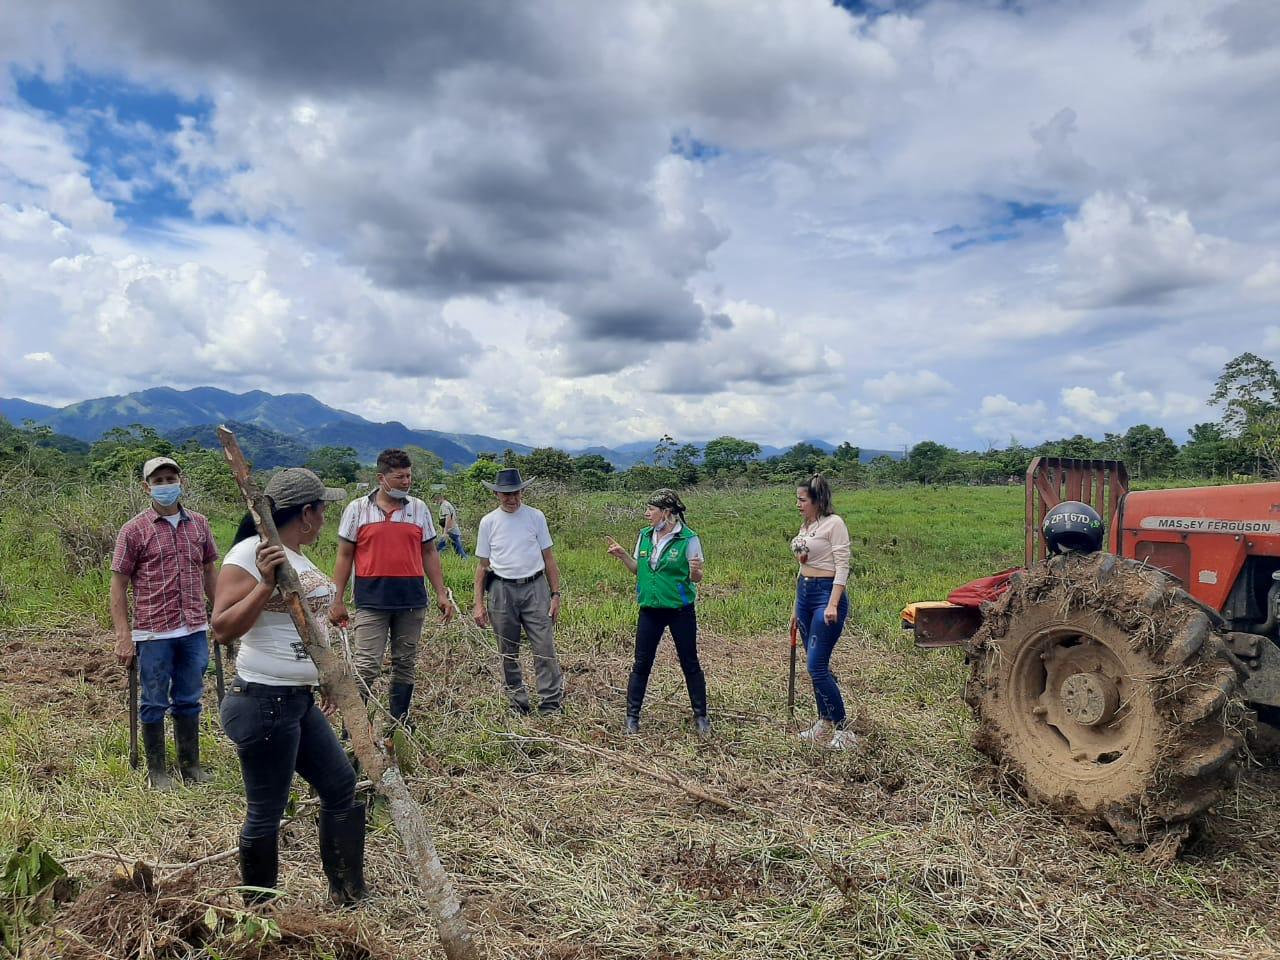 ICBF lidera proyecto productivo de huerta comunitaria con familias víctimas del conflicto en Caquetá